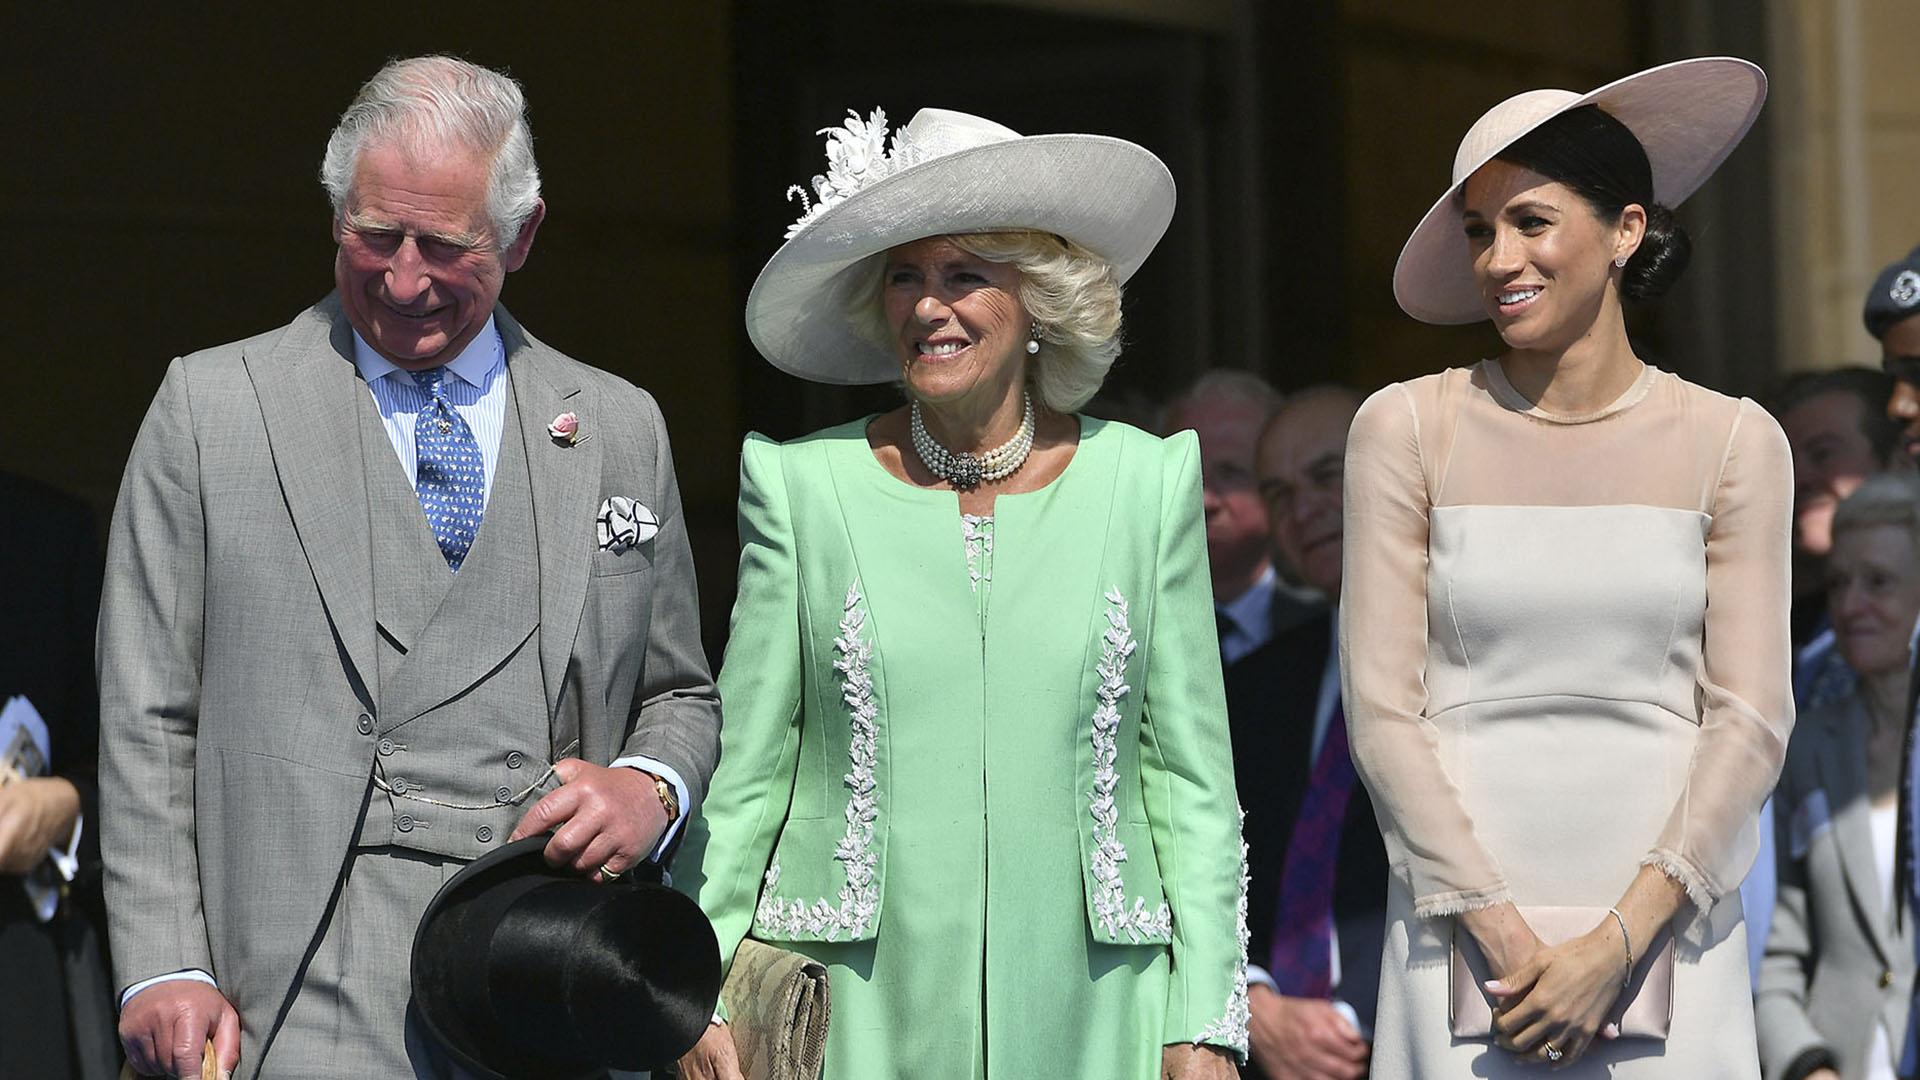 En el marco de la celebración de los 70 años del príncipe Carlos, junto a Camilla Parker Bowles, Meghan Markle deslumbró en su primera aparición pública como duquesa. Fue el 22 de mayo(AFP)